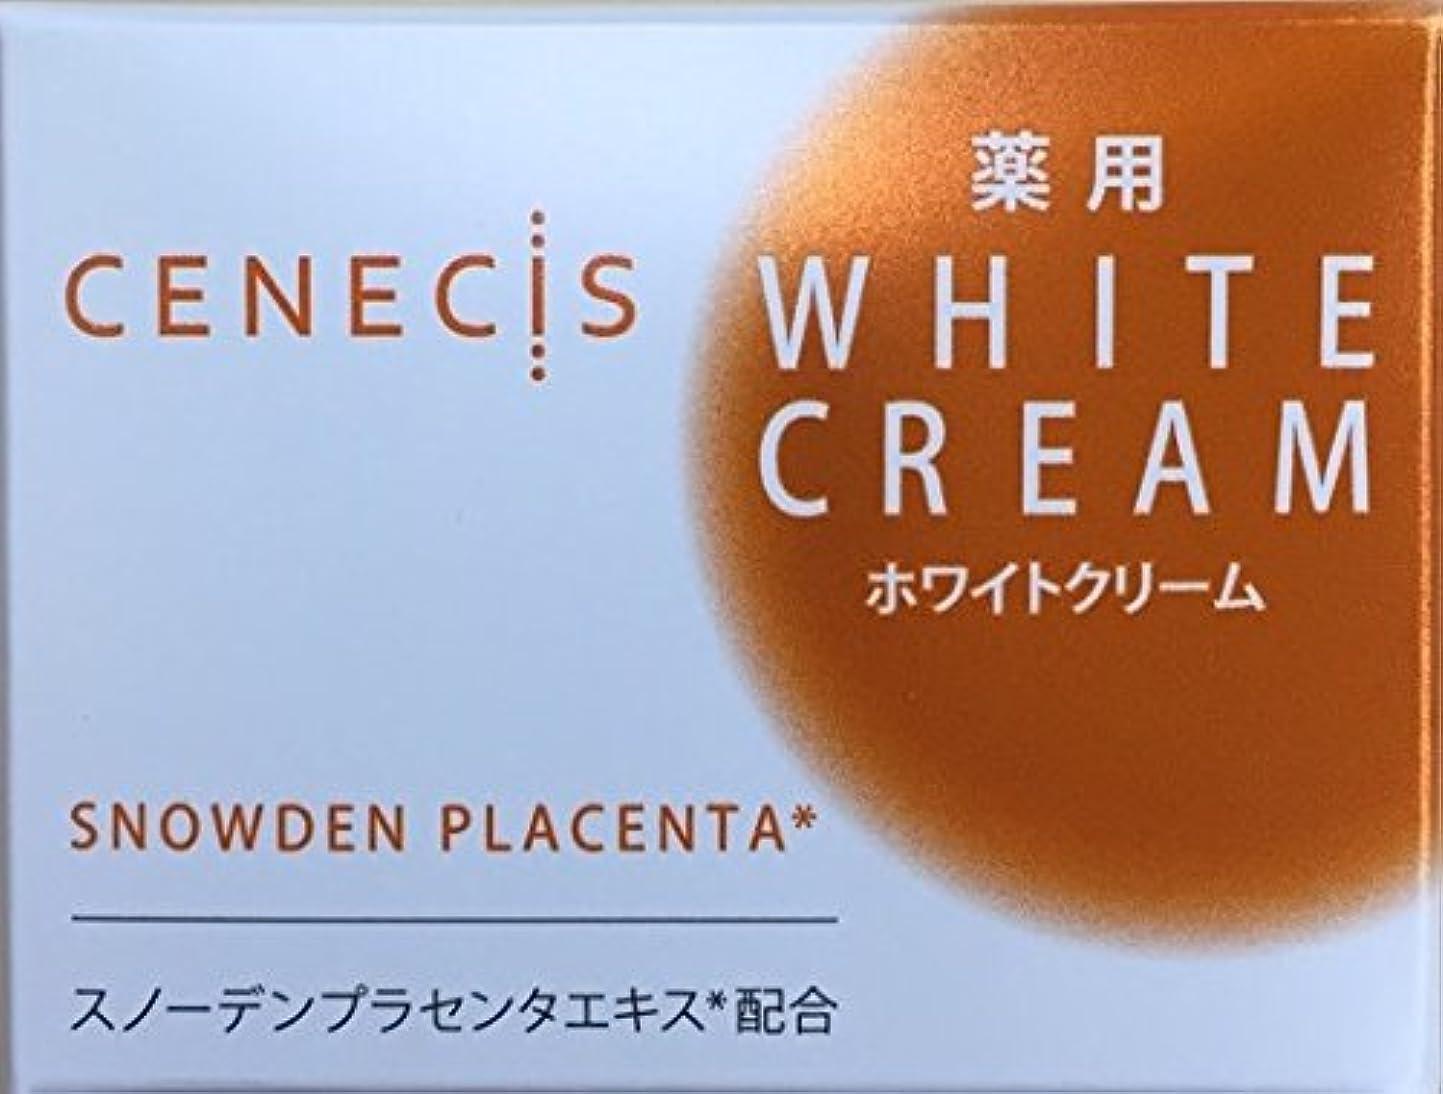 変位領収書年スノーデン セネシス 薬用ホワイトクリーム 40g